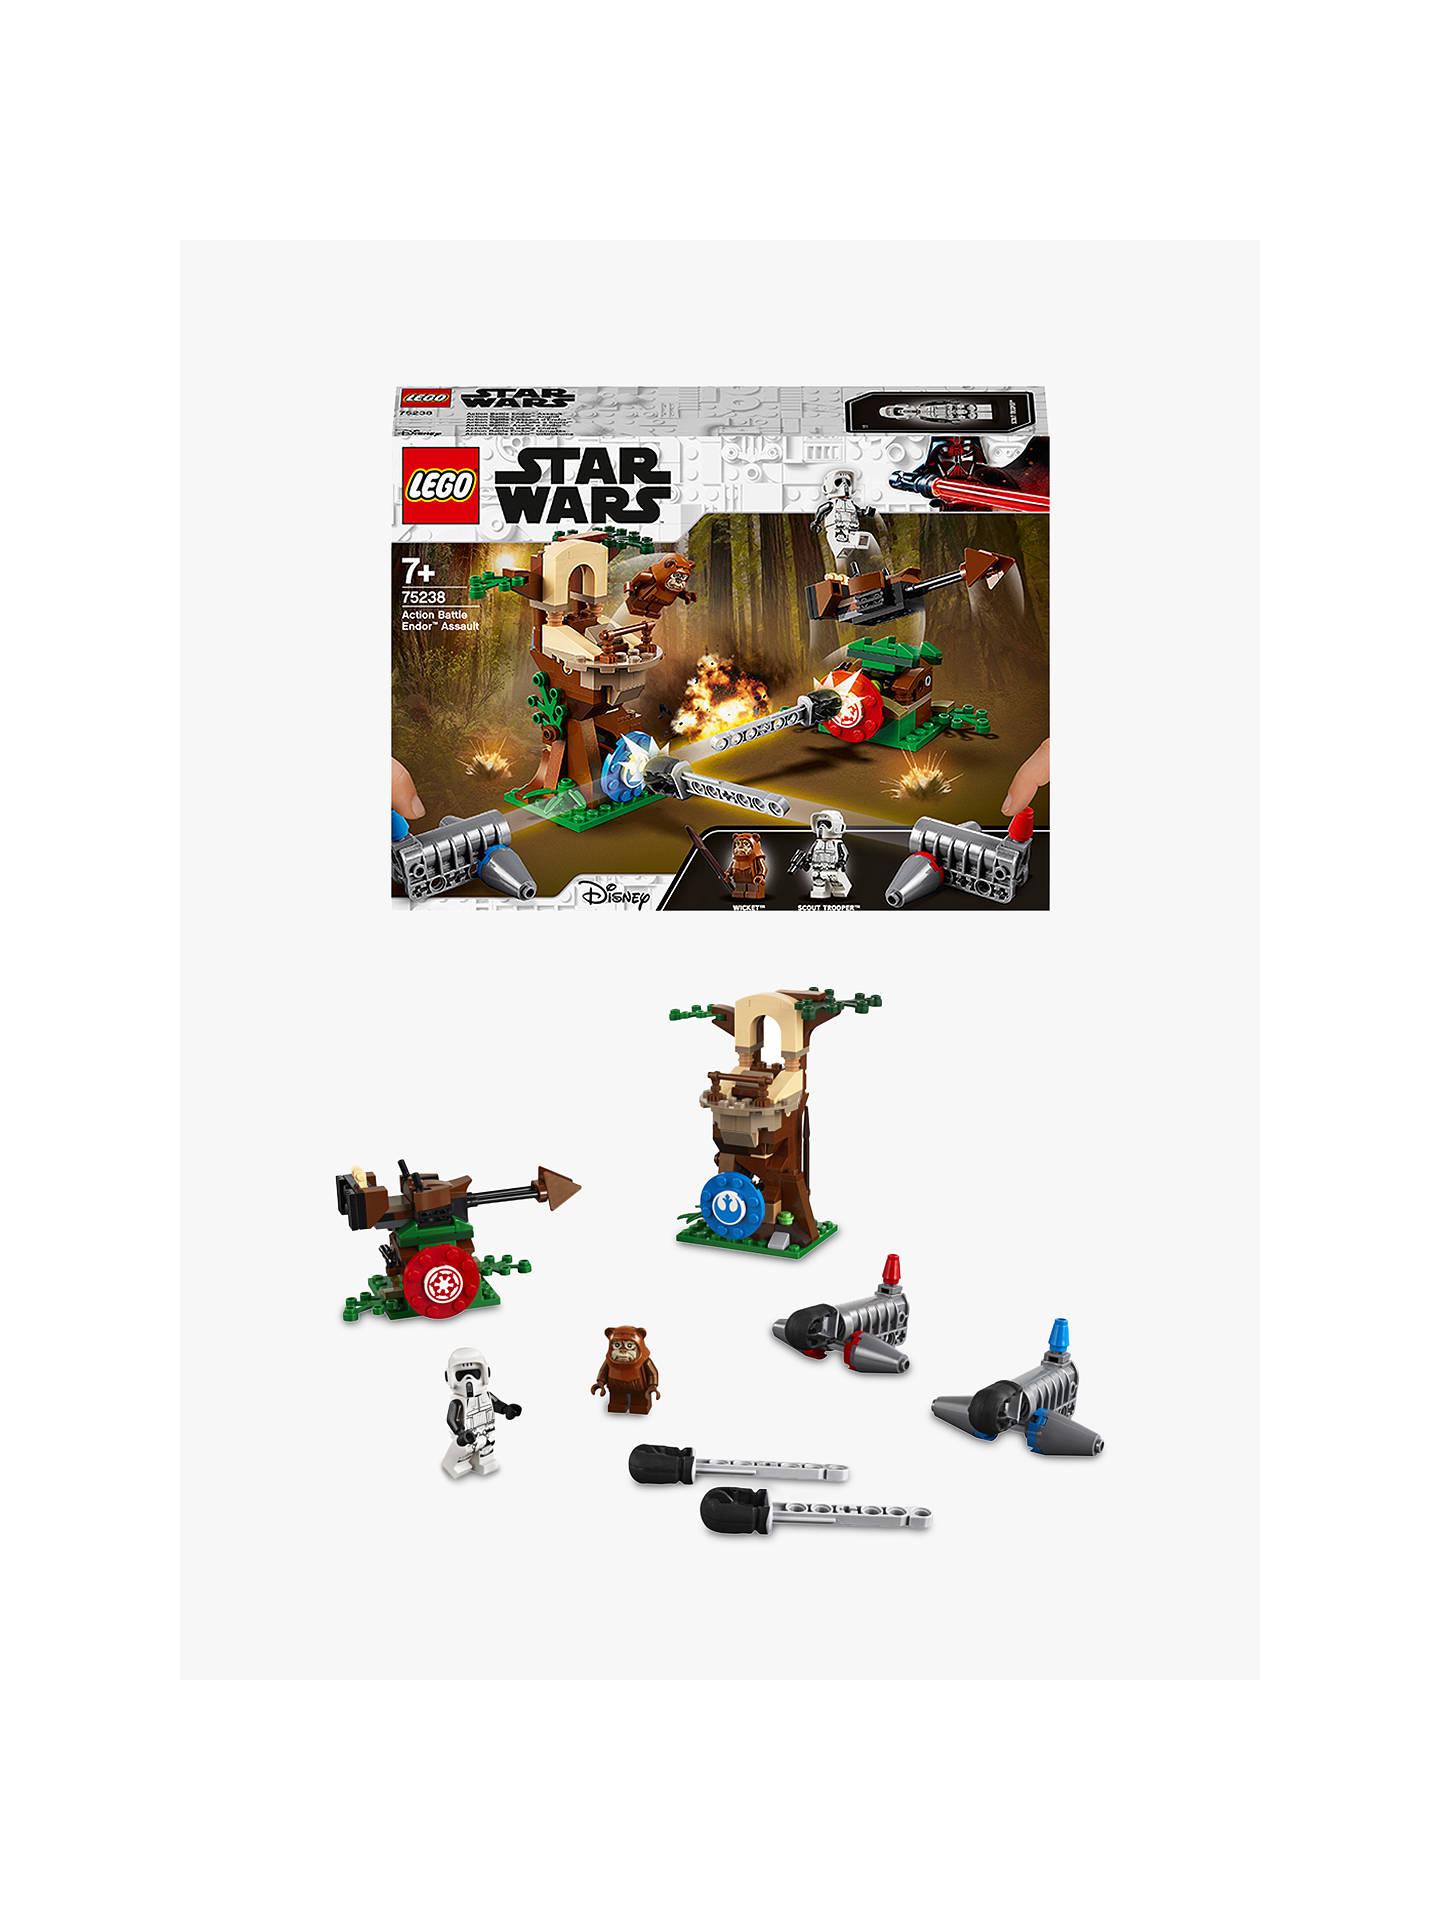 Lego Star Wars 75238 Action Battle Endor Assault At John Lewis